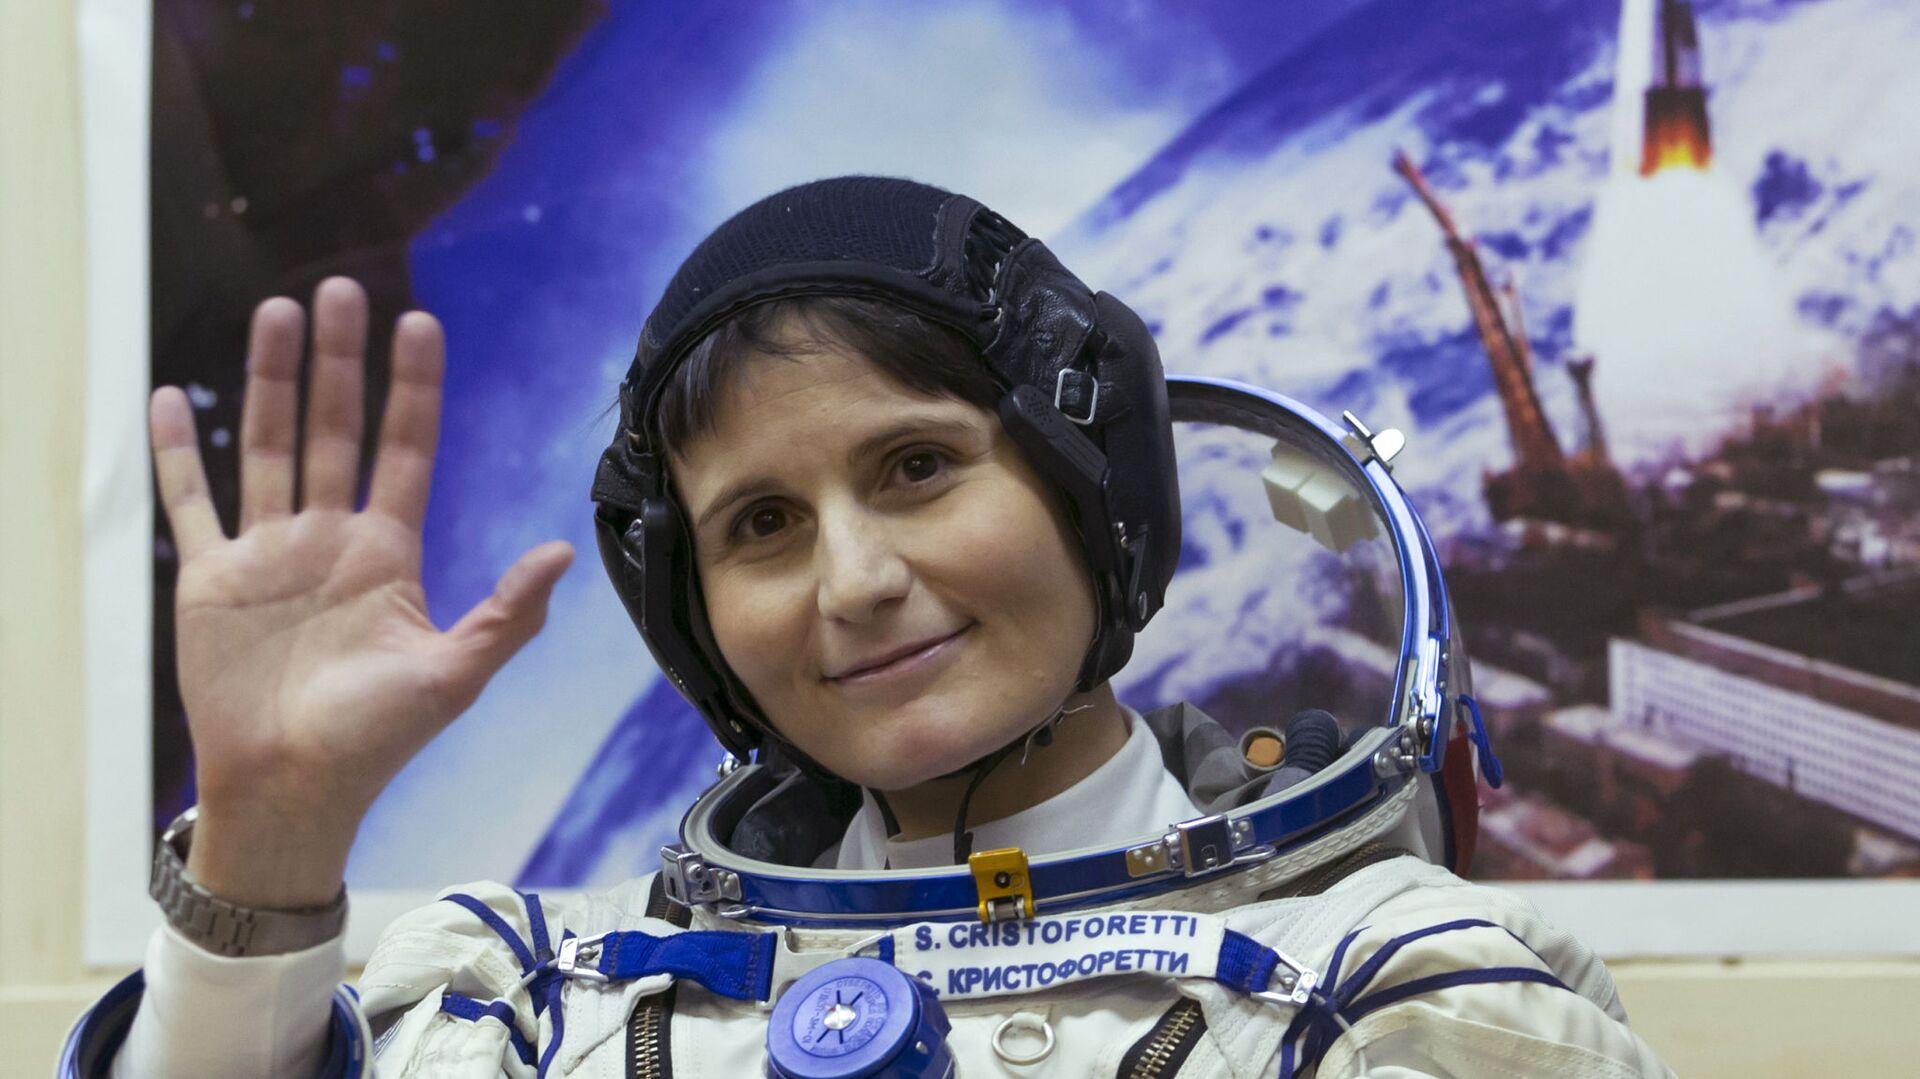 Samantha Cristoforetti prima della partenza alla Stazione Spaziale Internazionale - Sputnik Italia, 1920, 28.05.2021